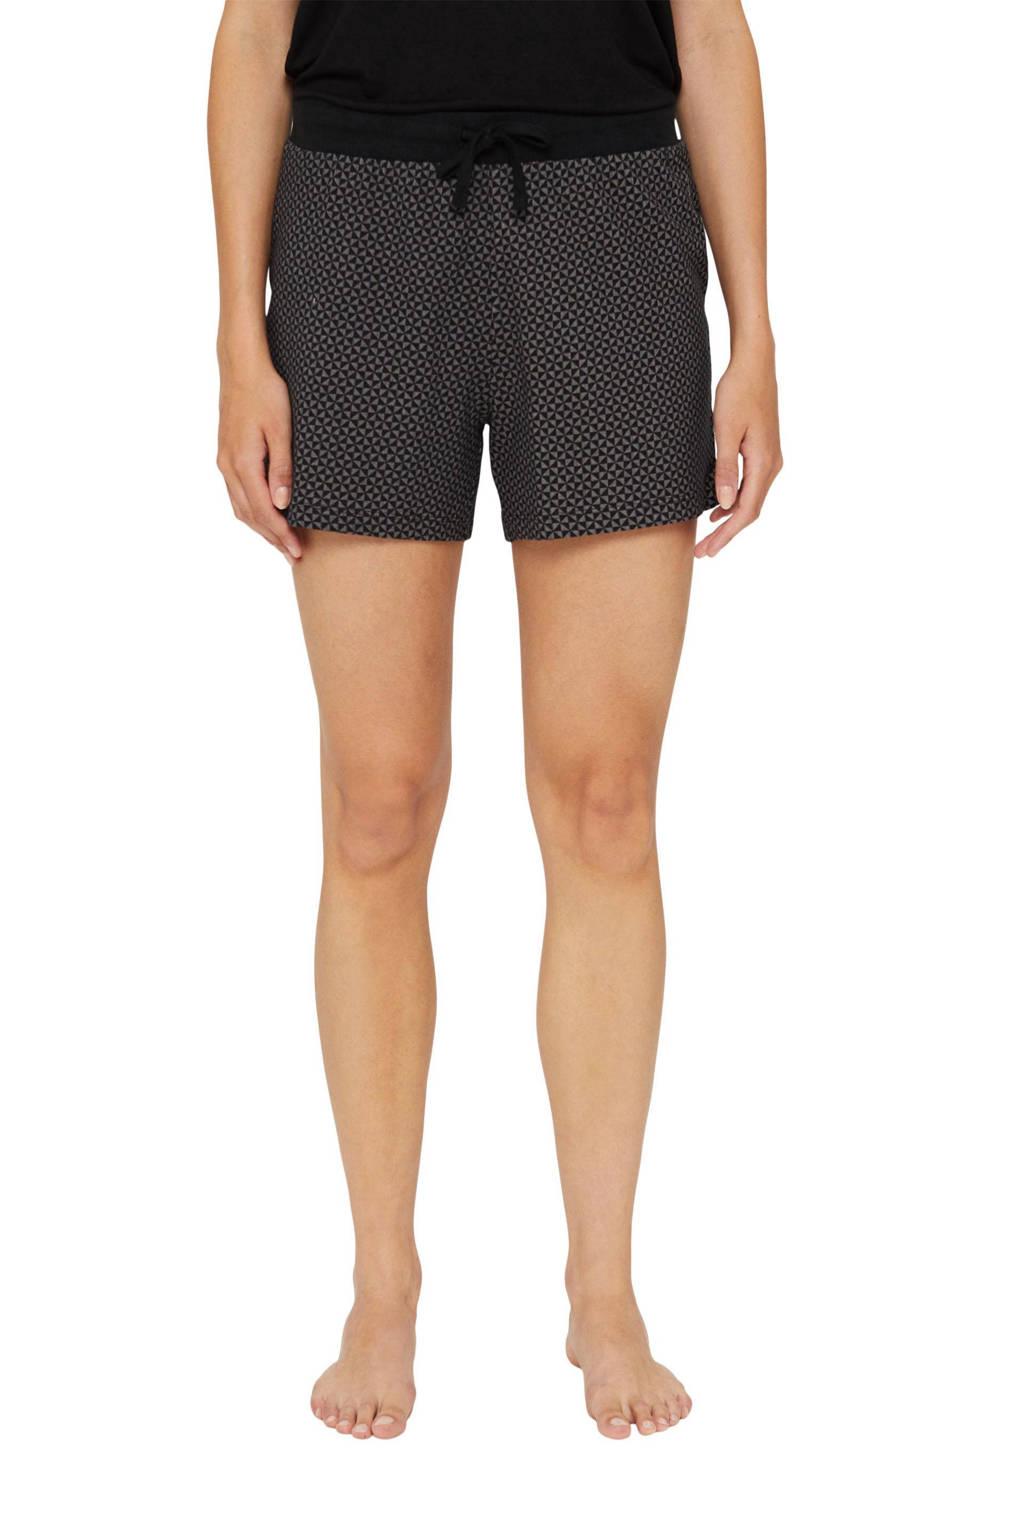 ESPRIT Women Bodywear pyjamashort met all over print zwart/wit, Zwart